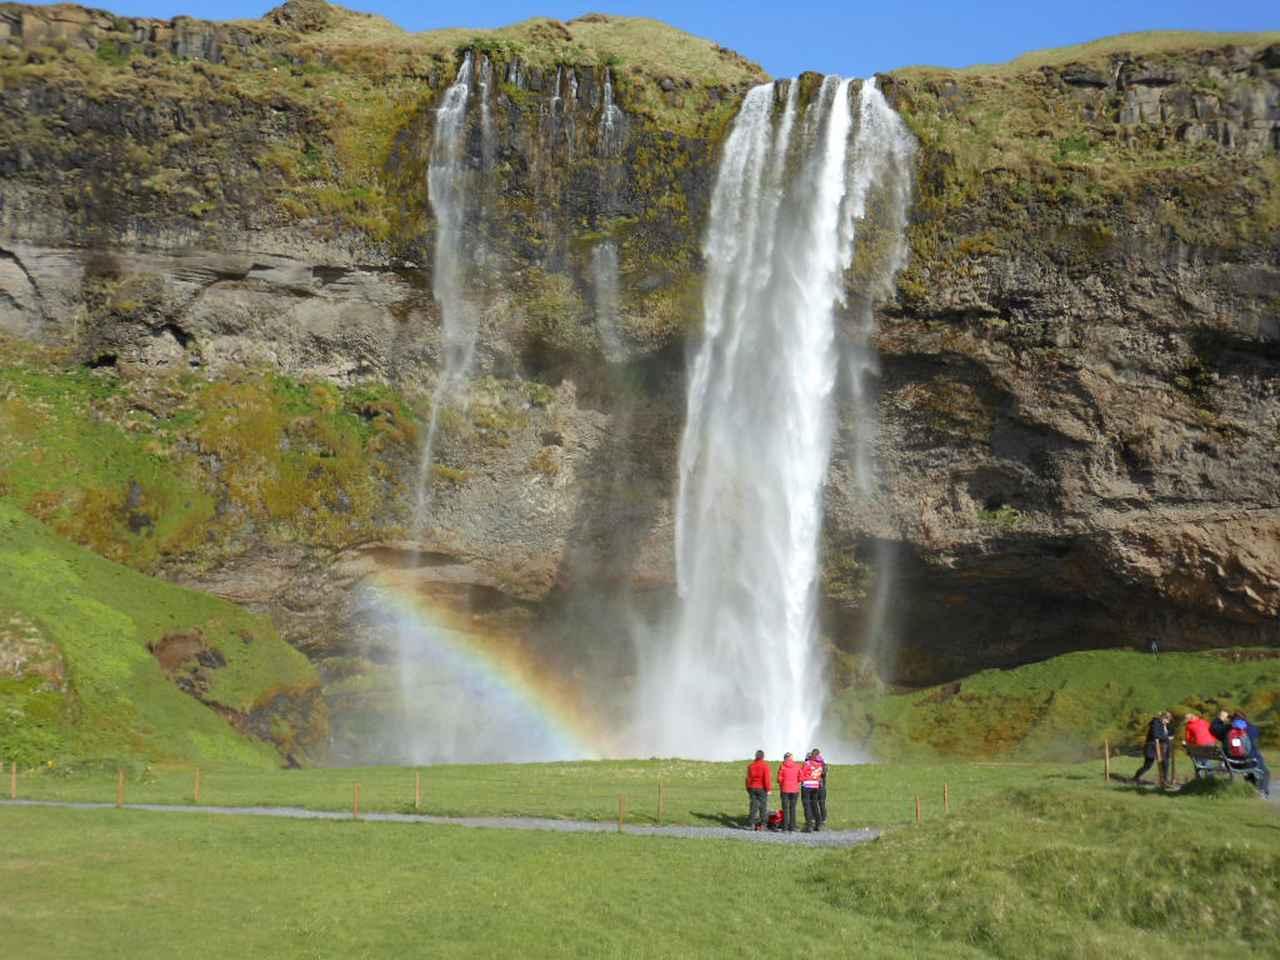 画像: セリャリャンスの滝(イメージ/Viking提供)